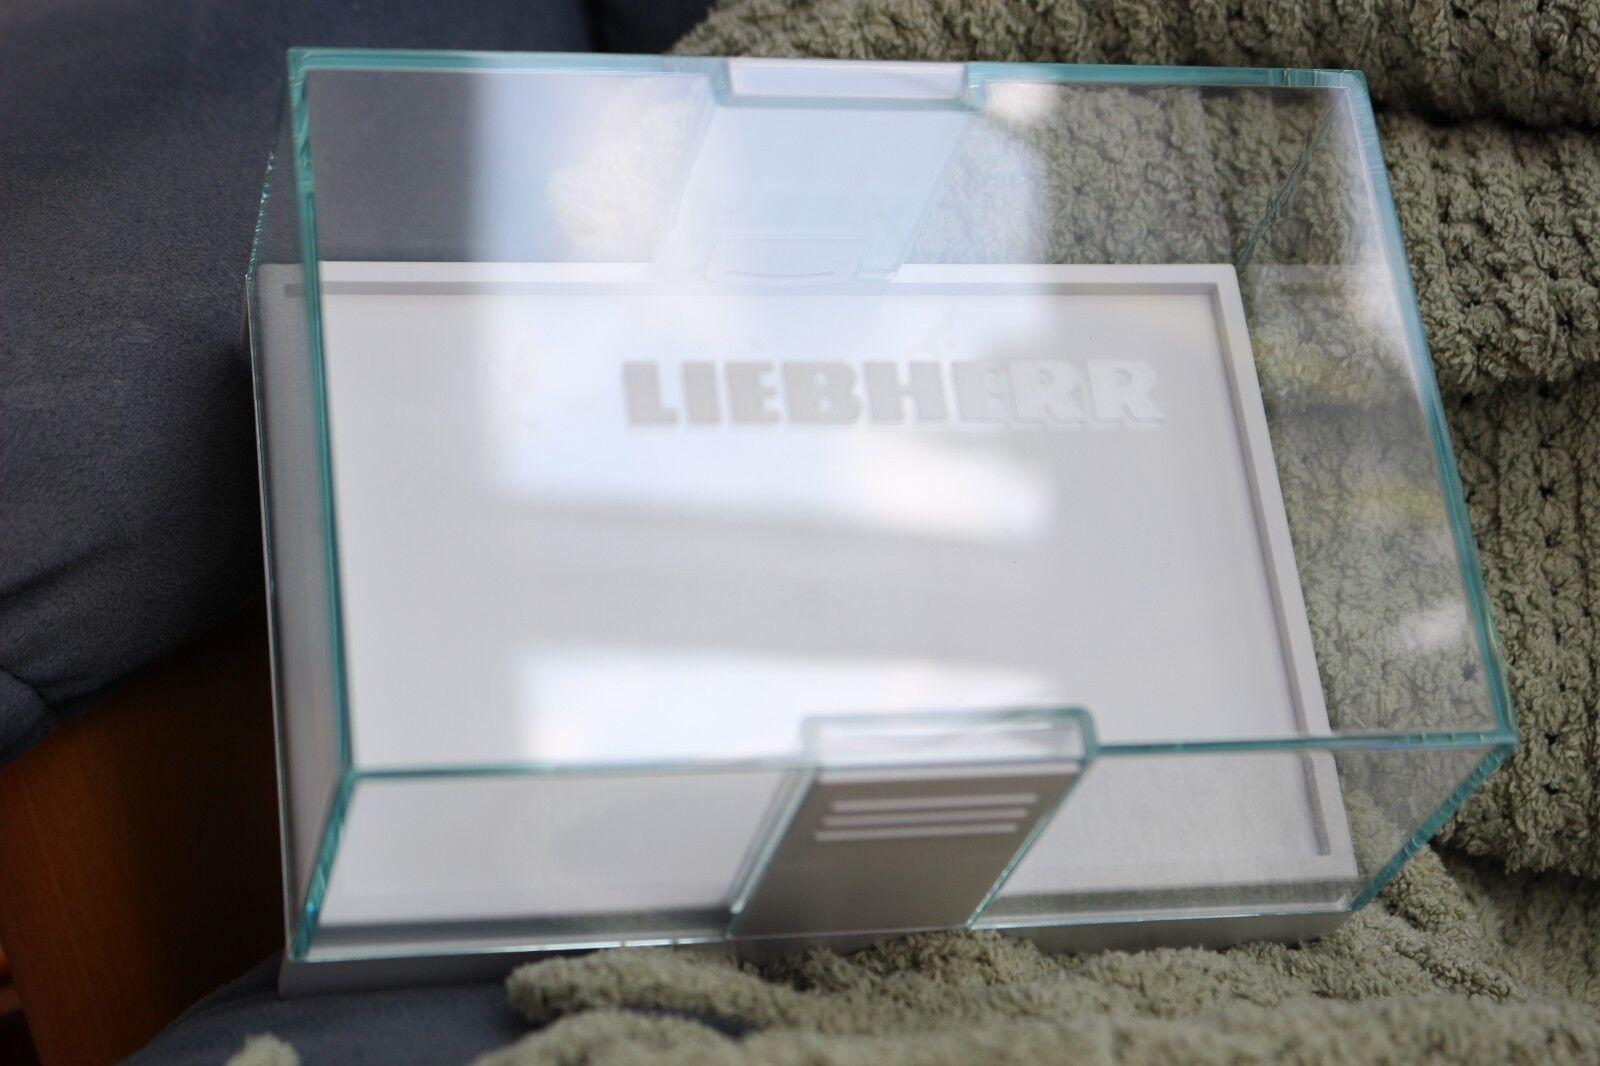 Kühlschrank Butterdose : Butterdose kühlschrank siemens butterdose transparent